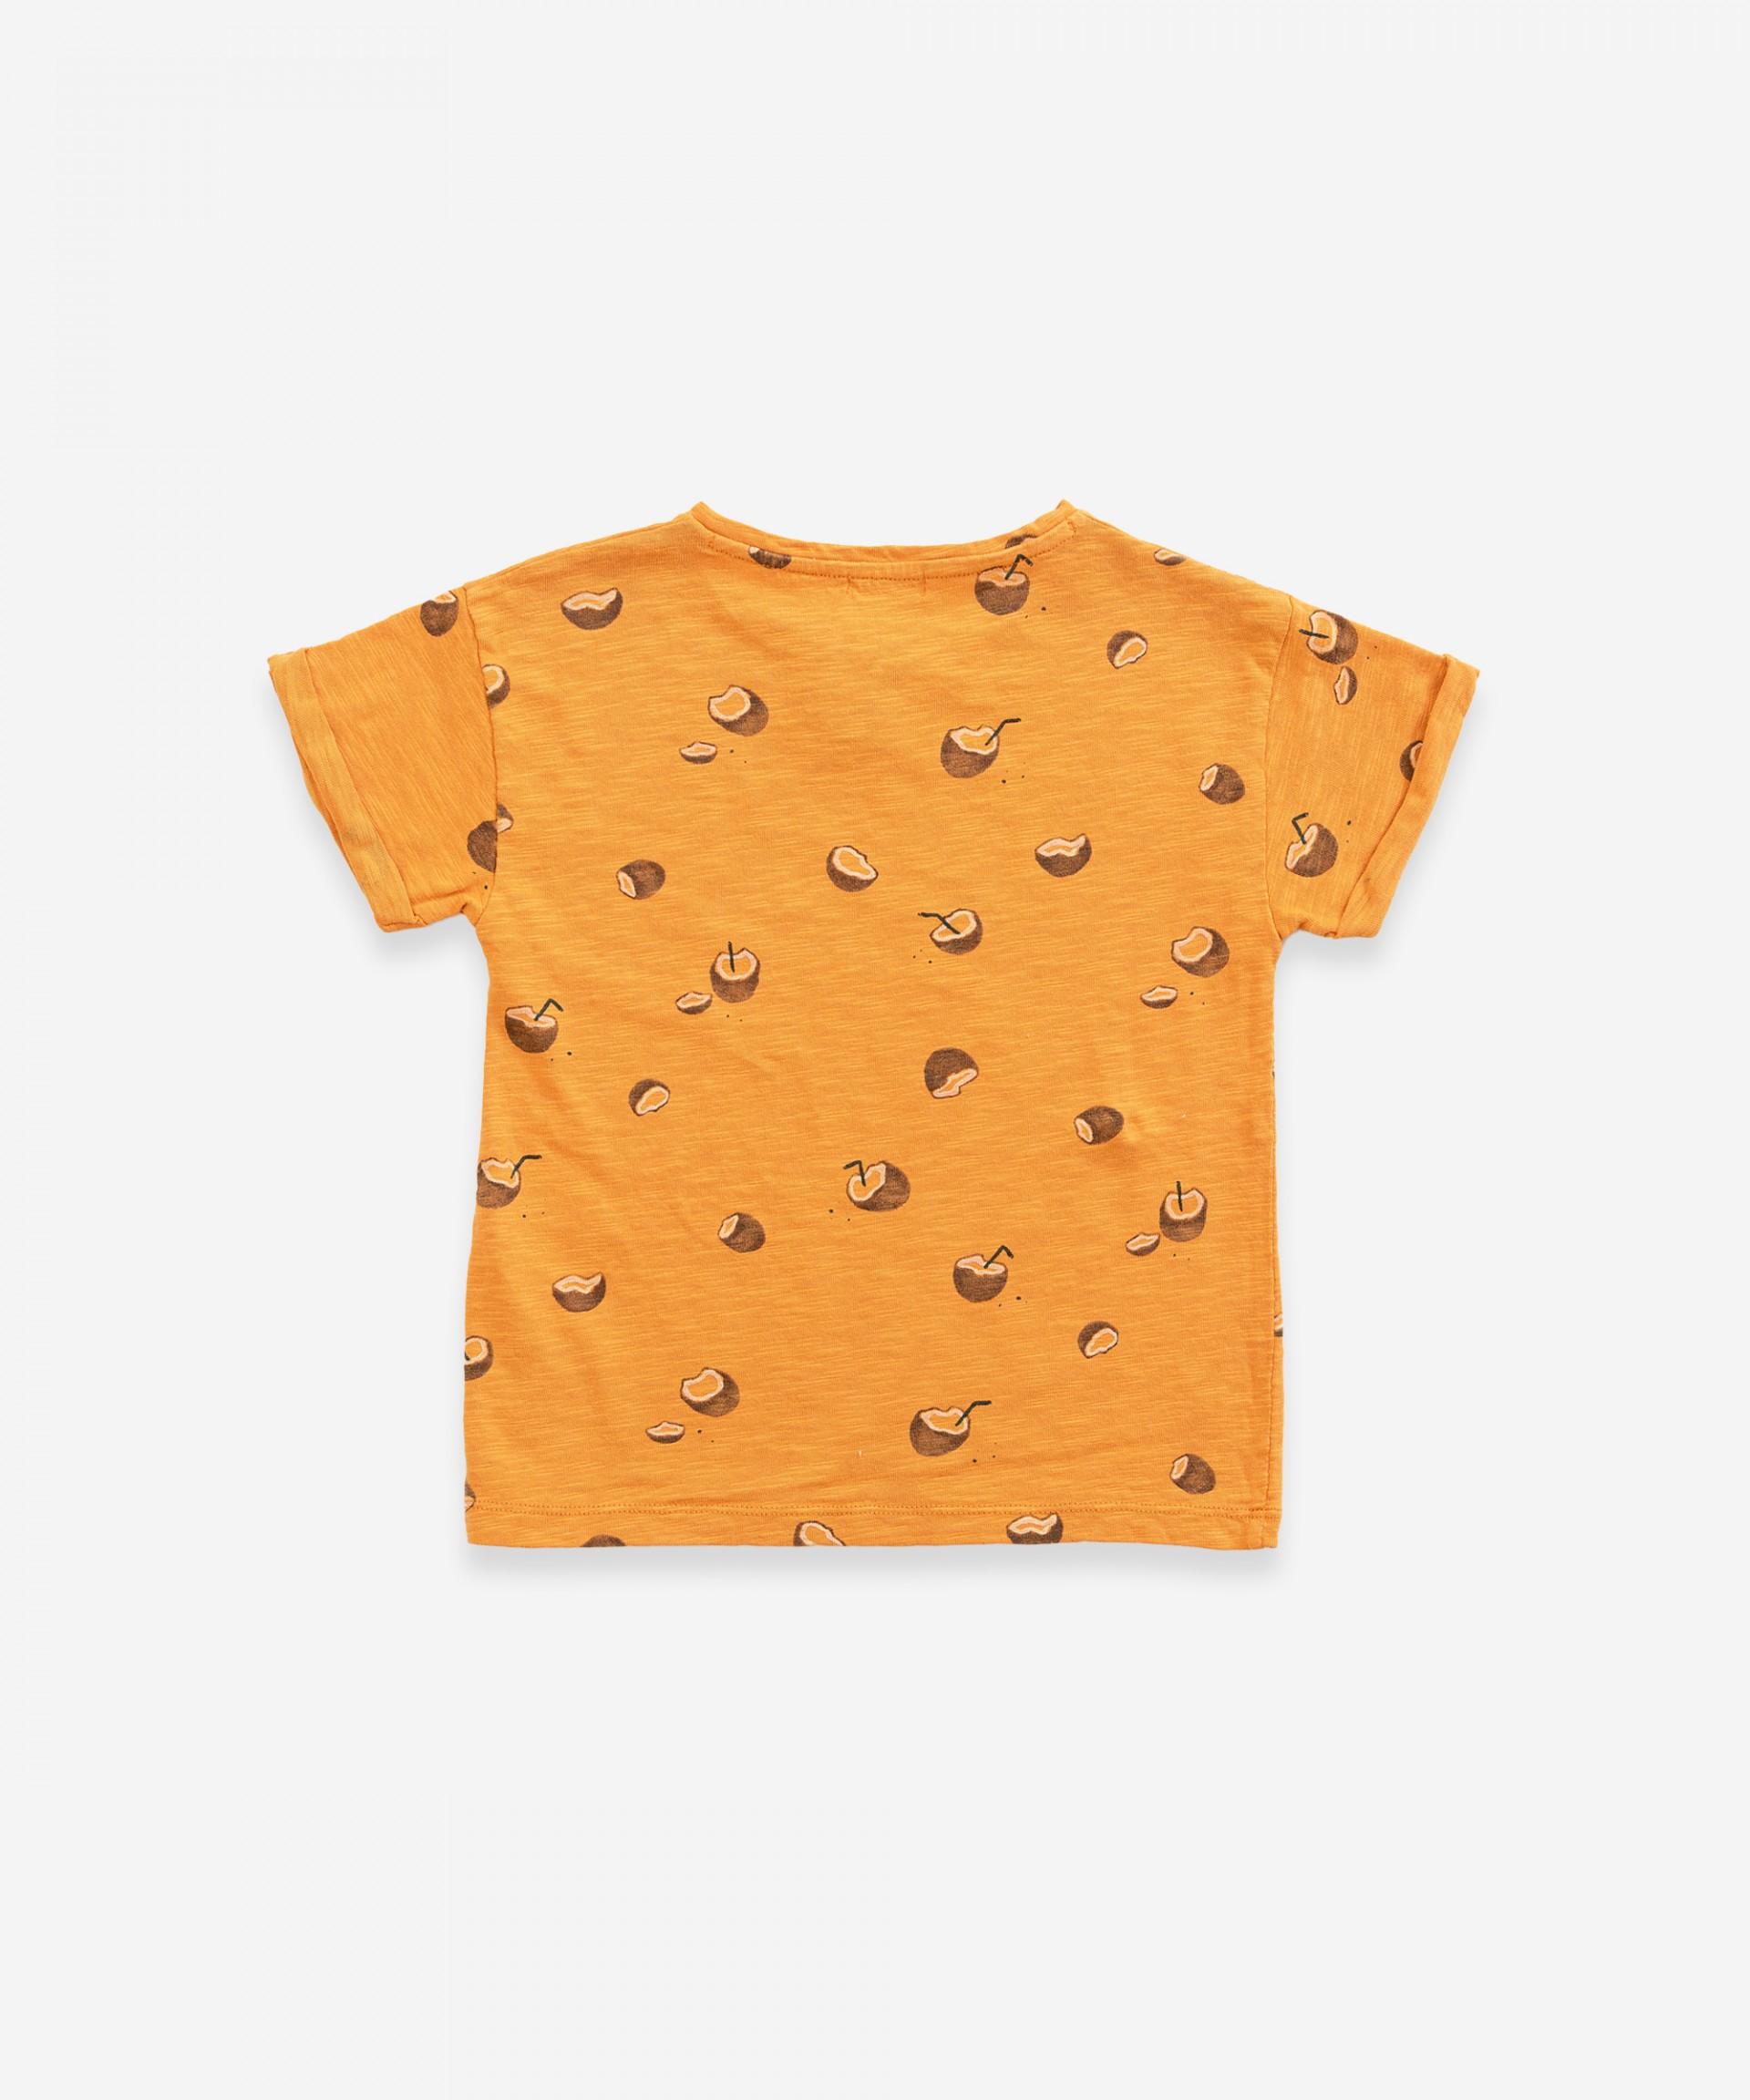 Camiseta estampada de algodón orgánico | Weaving